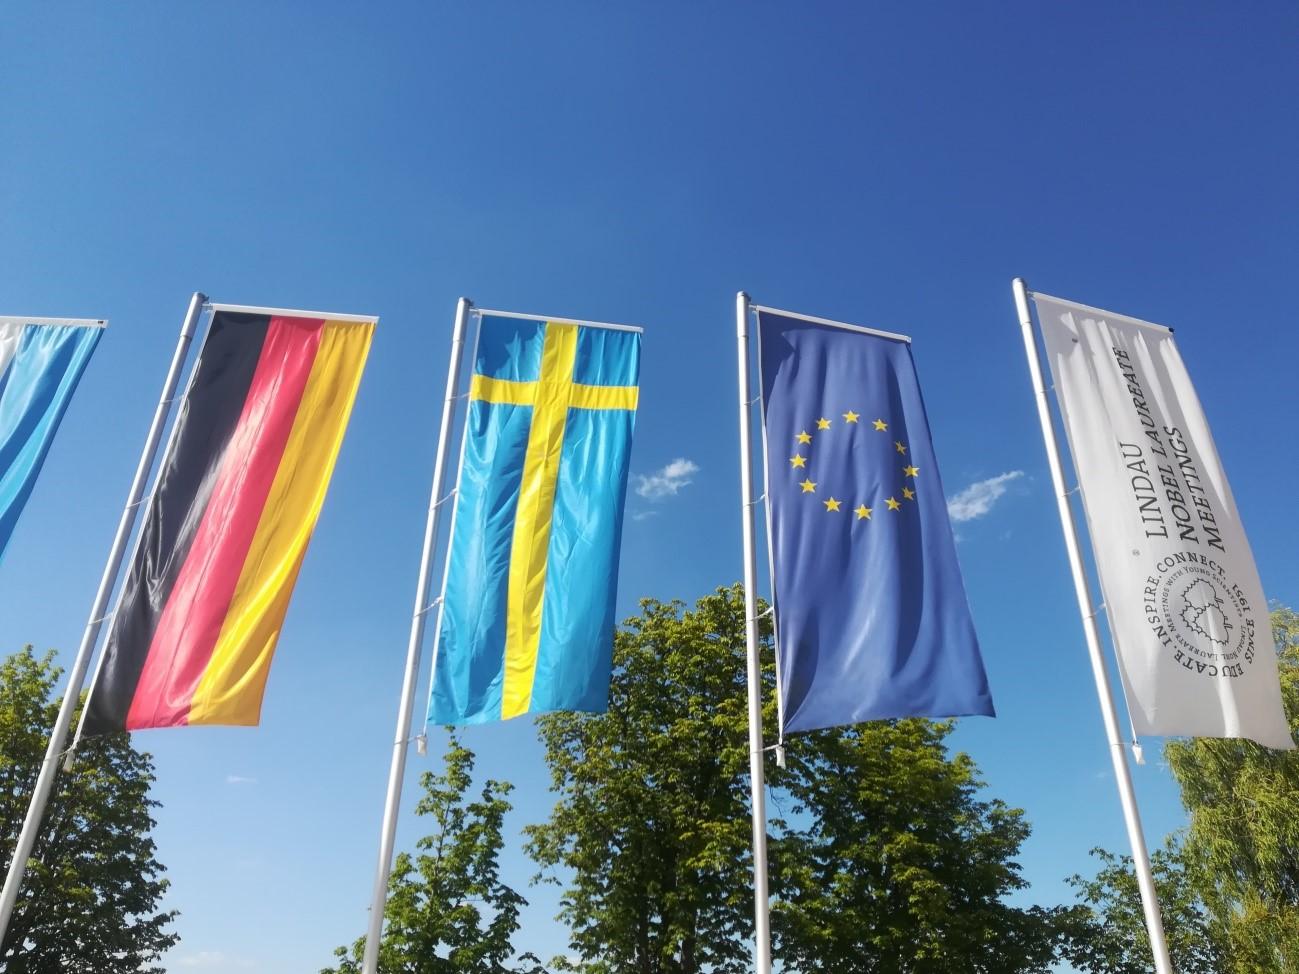 Picture 1 Flags_Copyright Milena Bertolotti